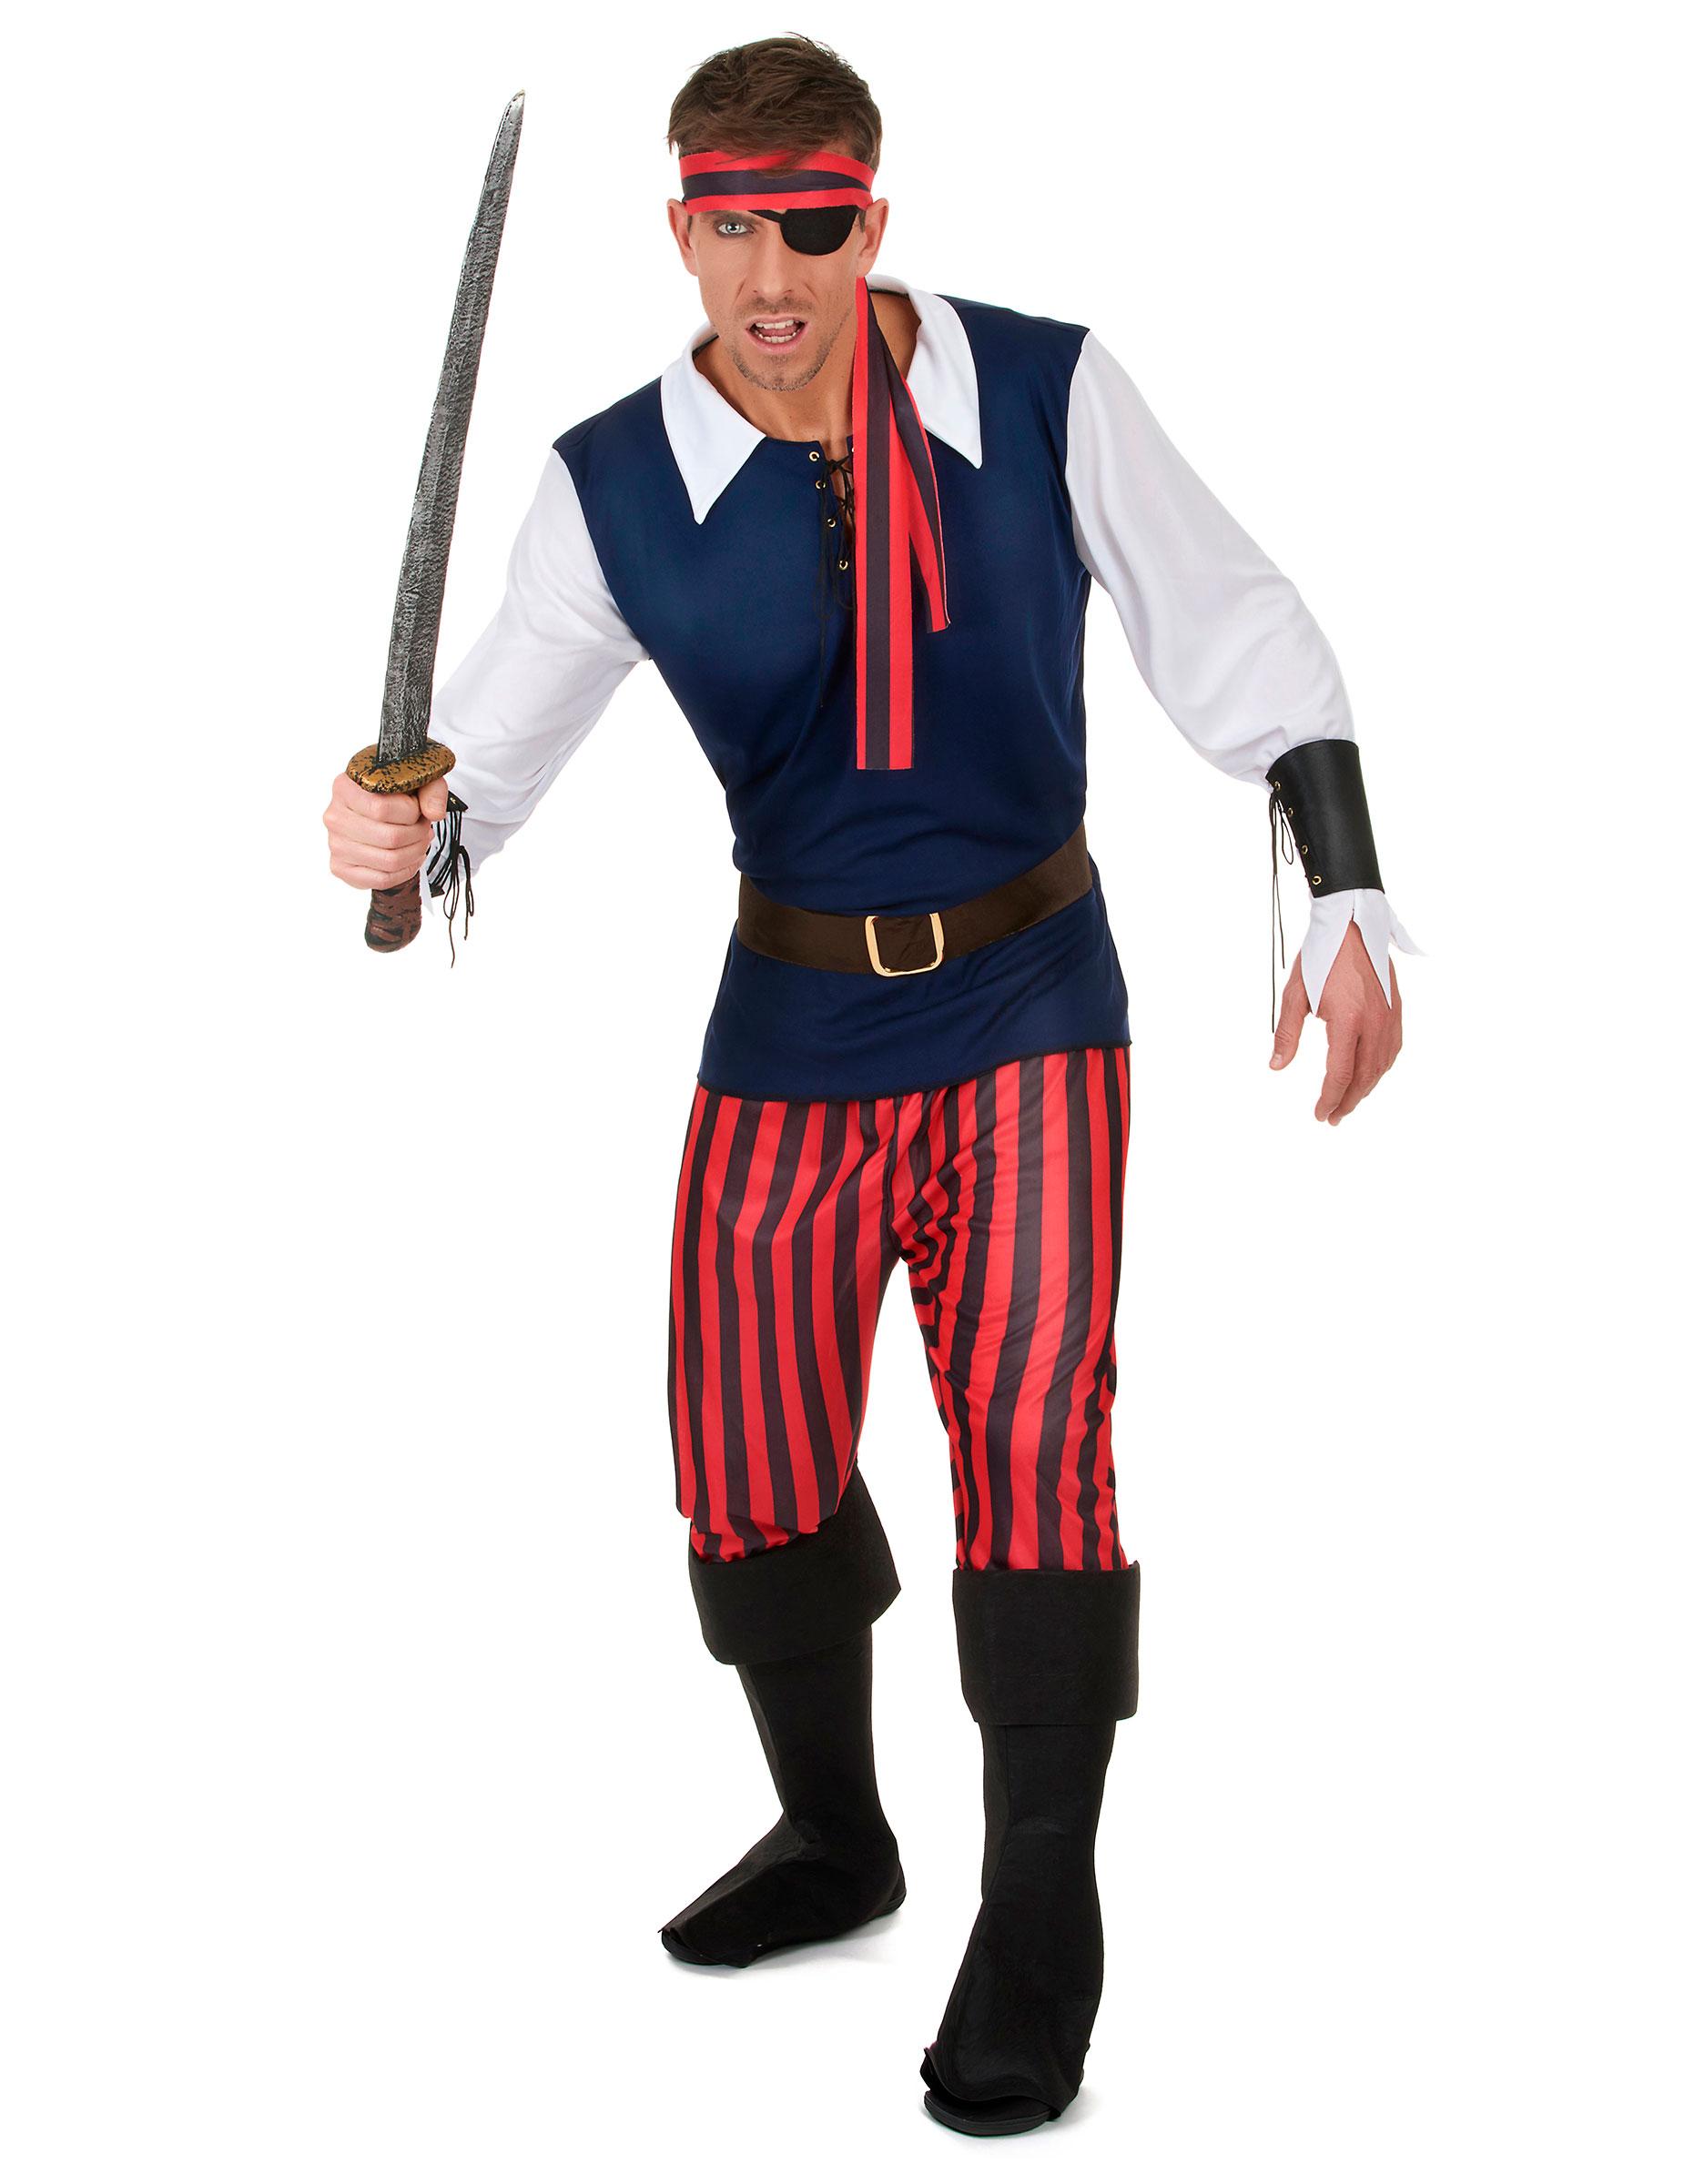 c8c696d873971 Disfraz de pirata rayas rojas y negras hombre  Disfraces adultos